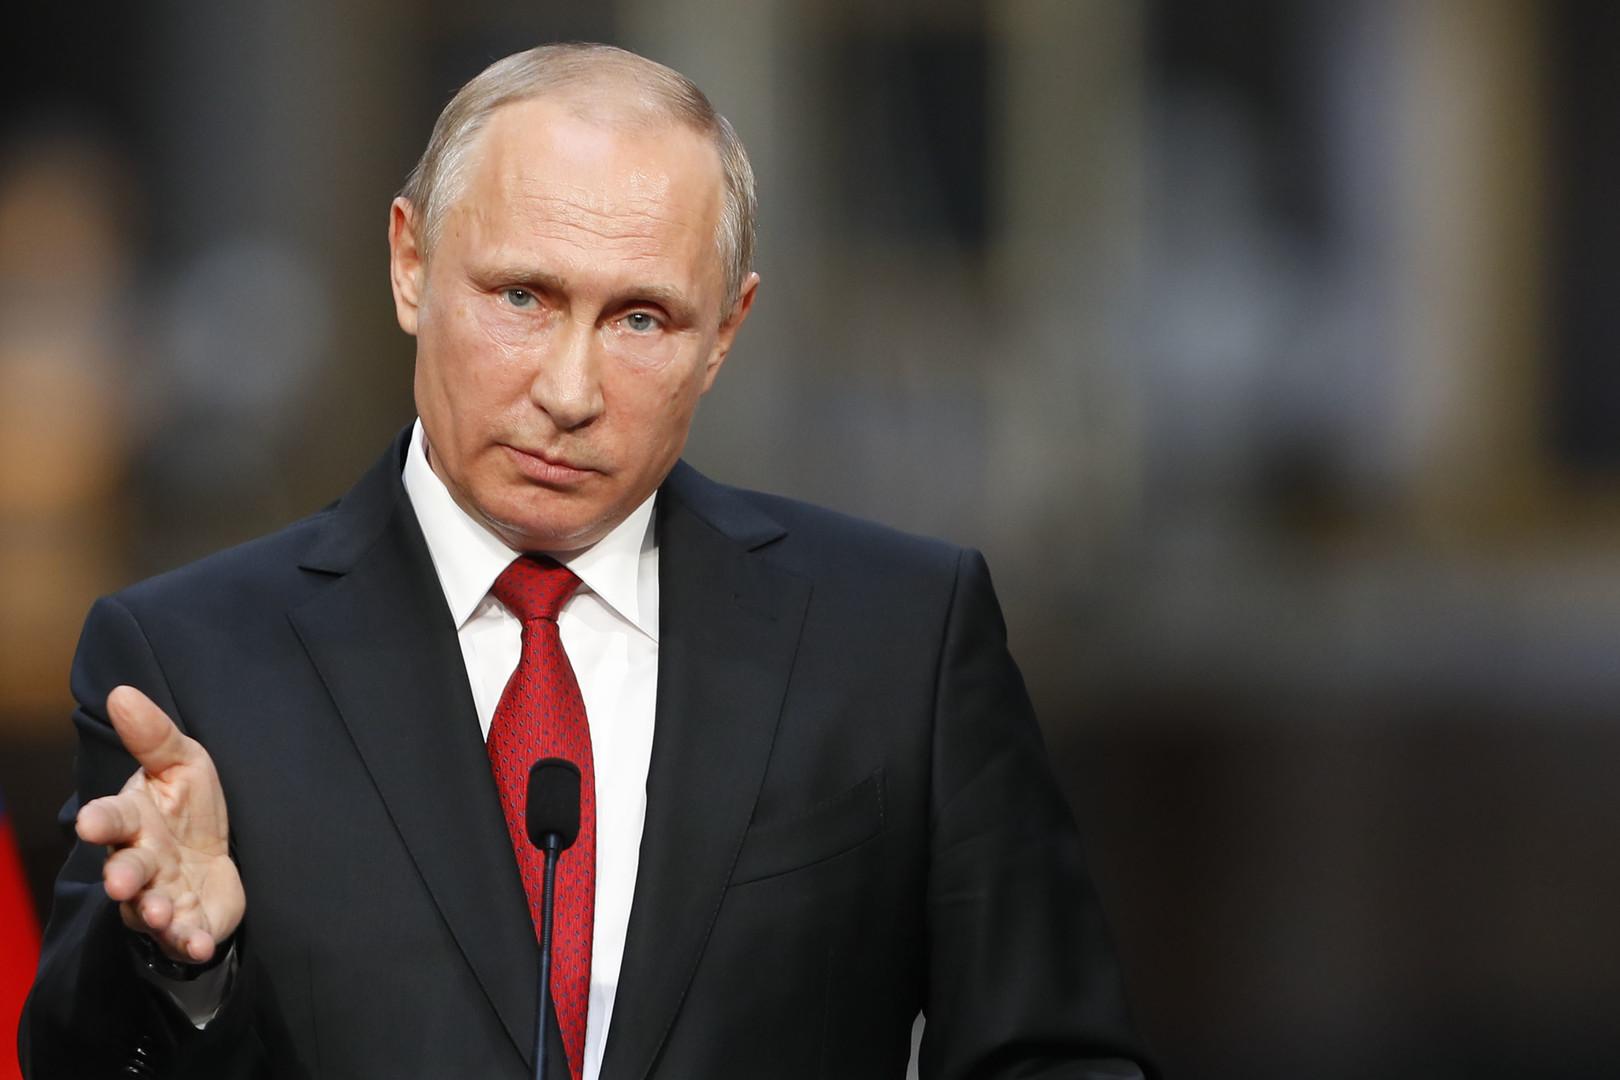 Путин продолжает гнуть свою линию в вопросе о миротворцах на Донбассе: стало известно о важном телефонном  разговоре хозяина Кремля